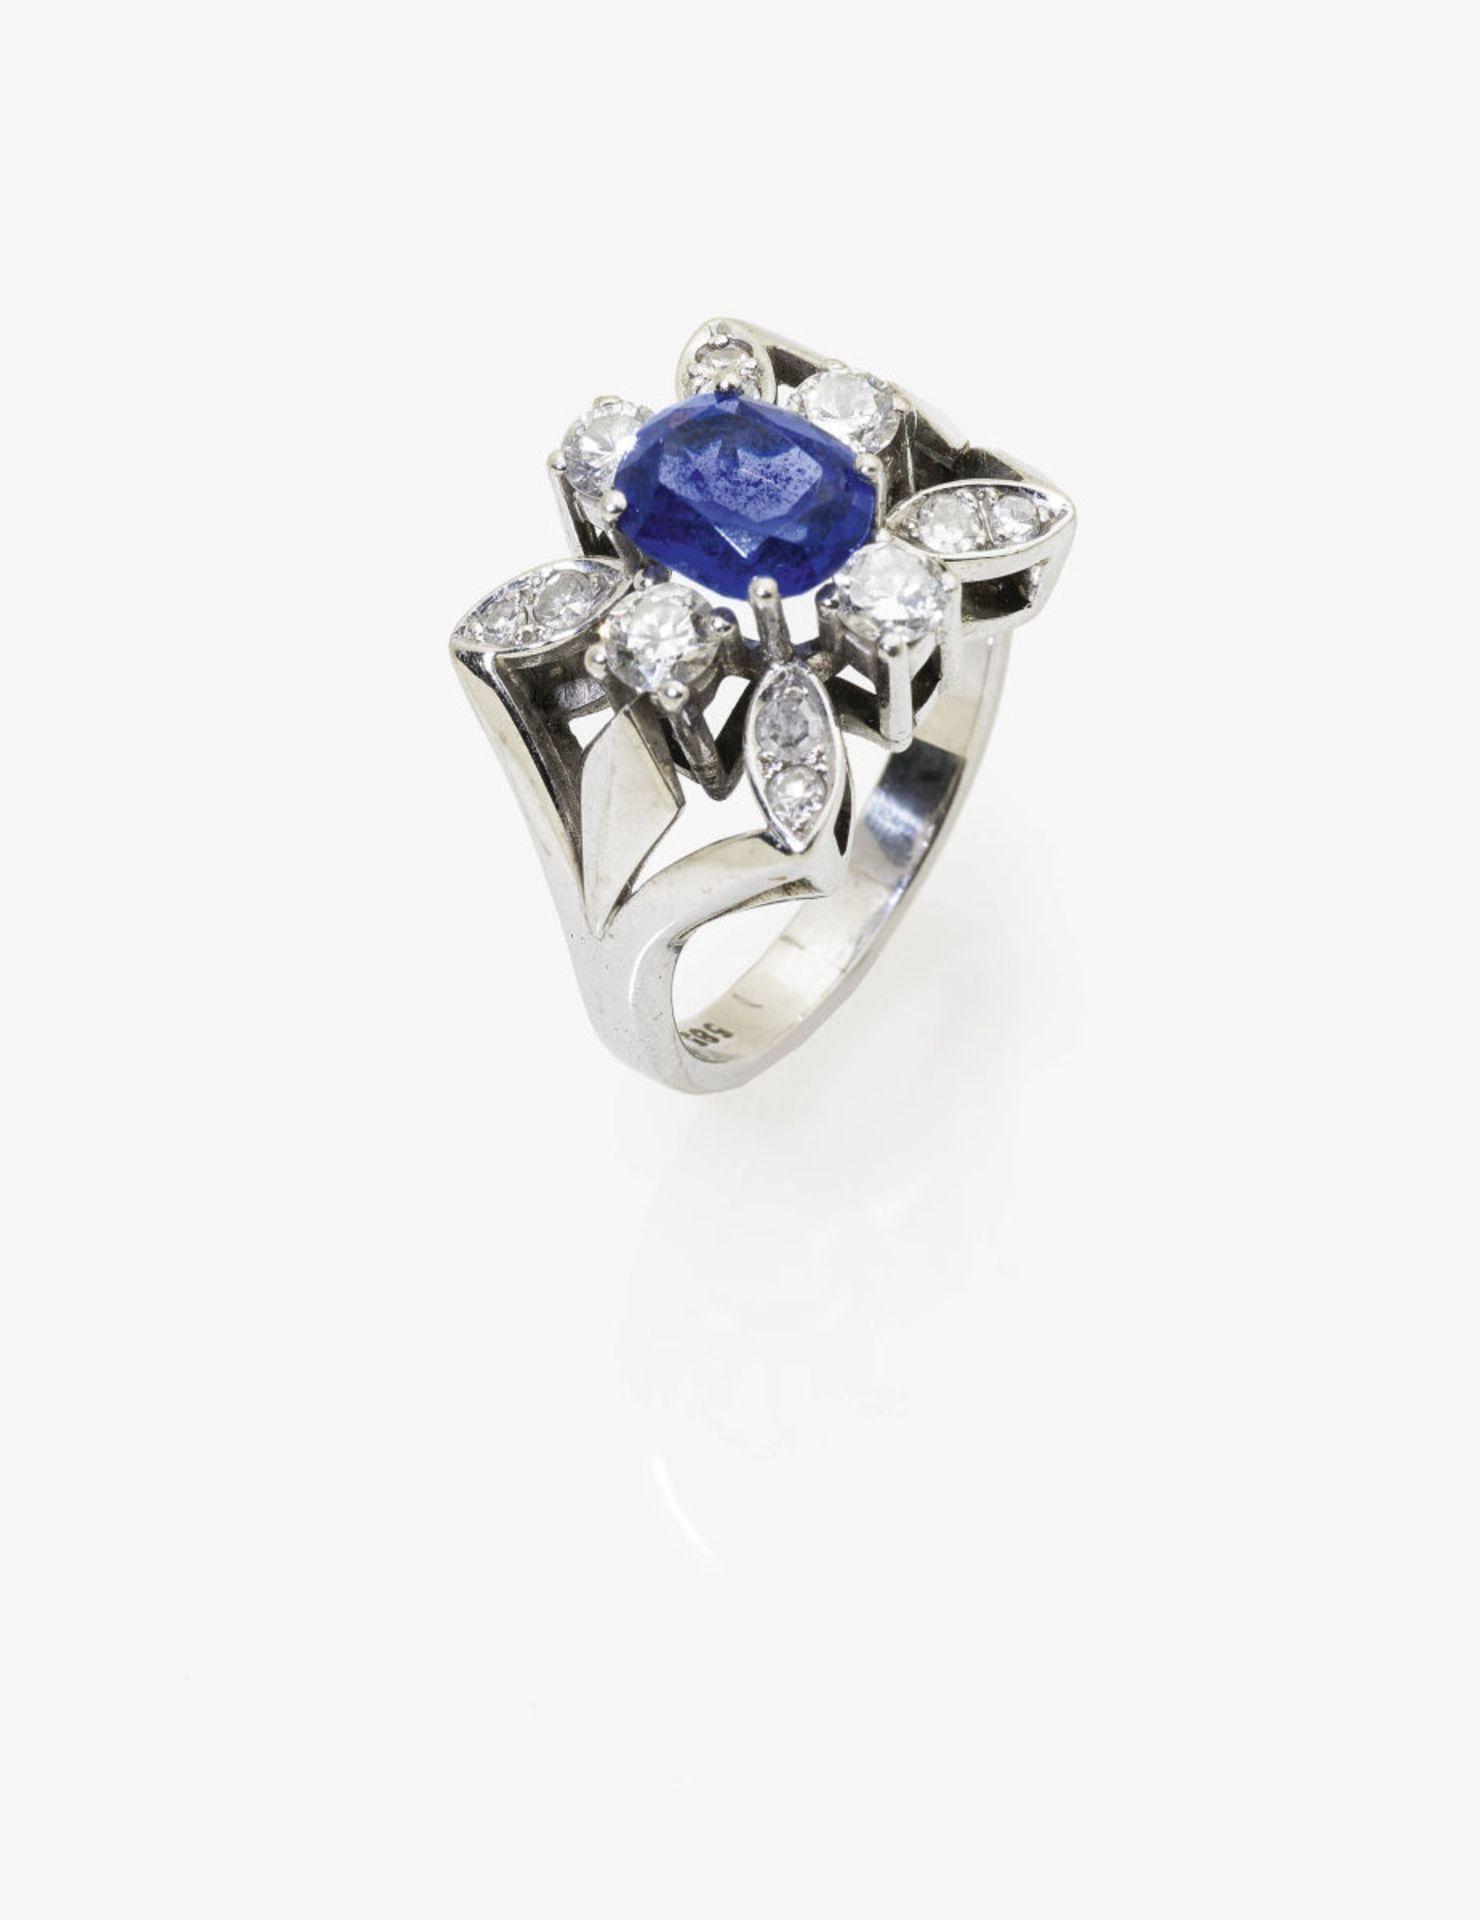 Los 1034 - A Tanzanite and Diamond Ring